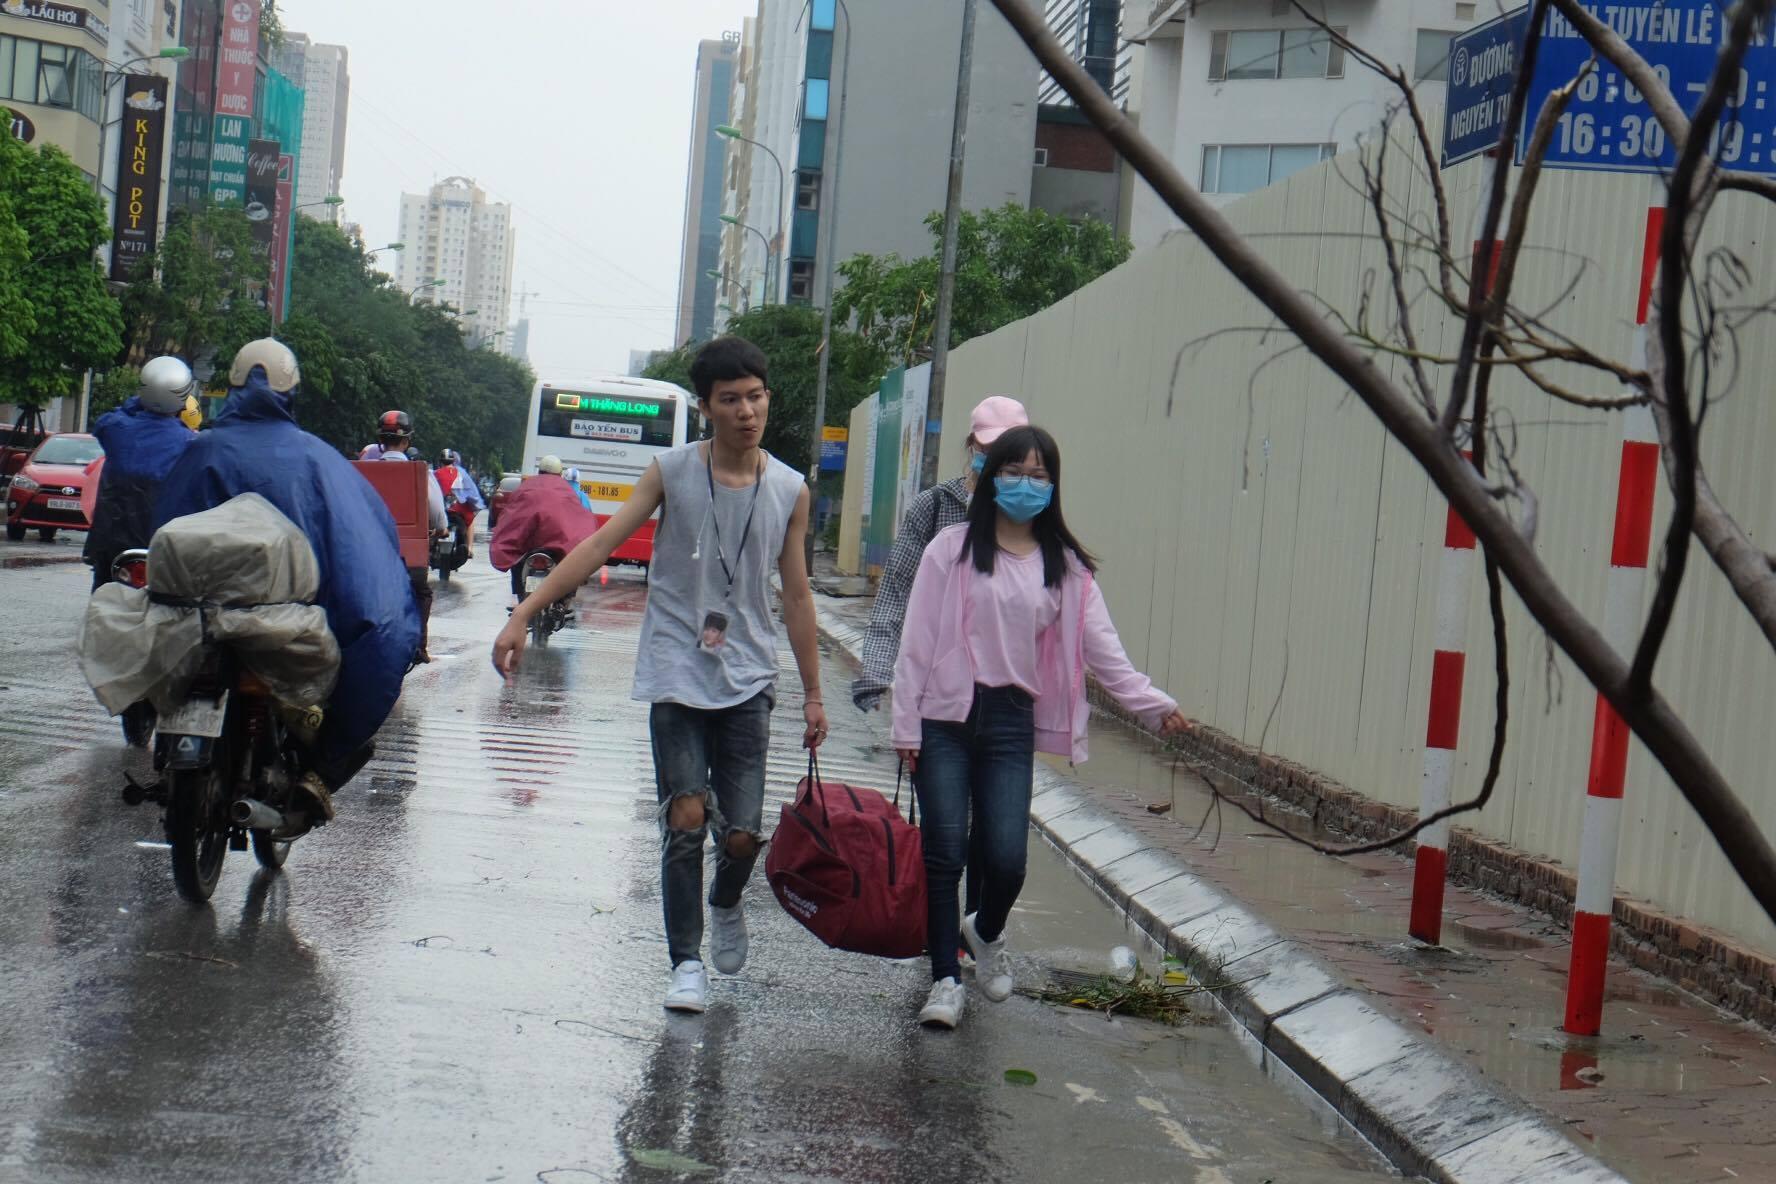 Người dân từ các tỉnh đổ về Thủ đô chật vật di chuyển trong mưa lớn sau kì nghỉ lễ kéo dài - Ảnh 16.